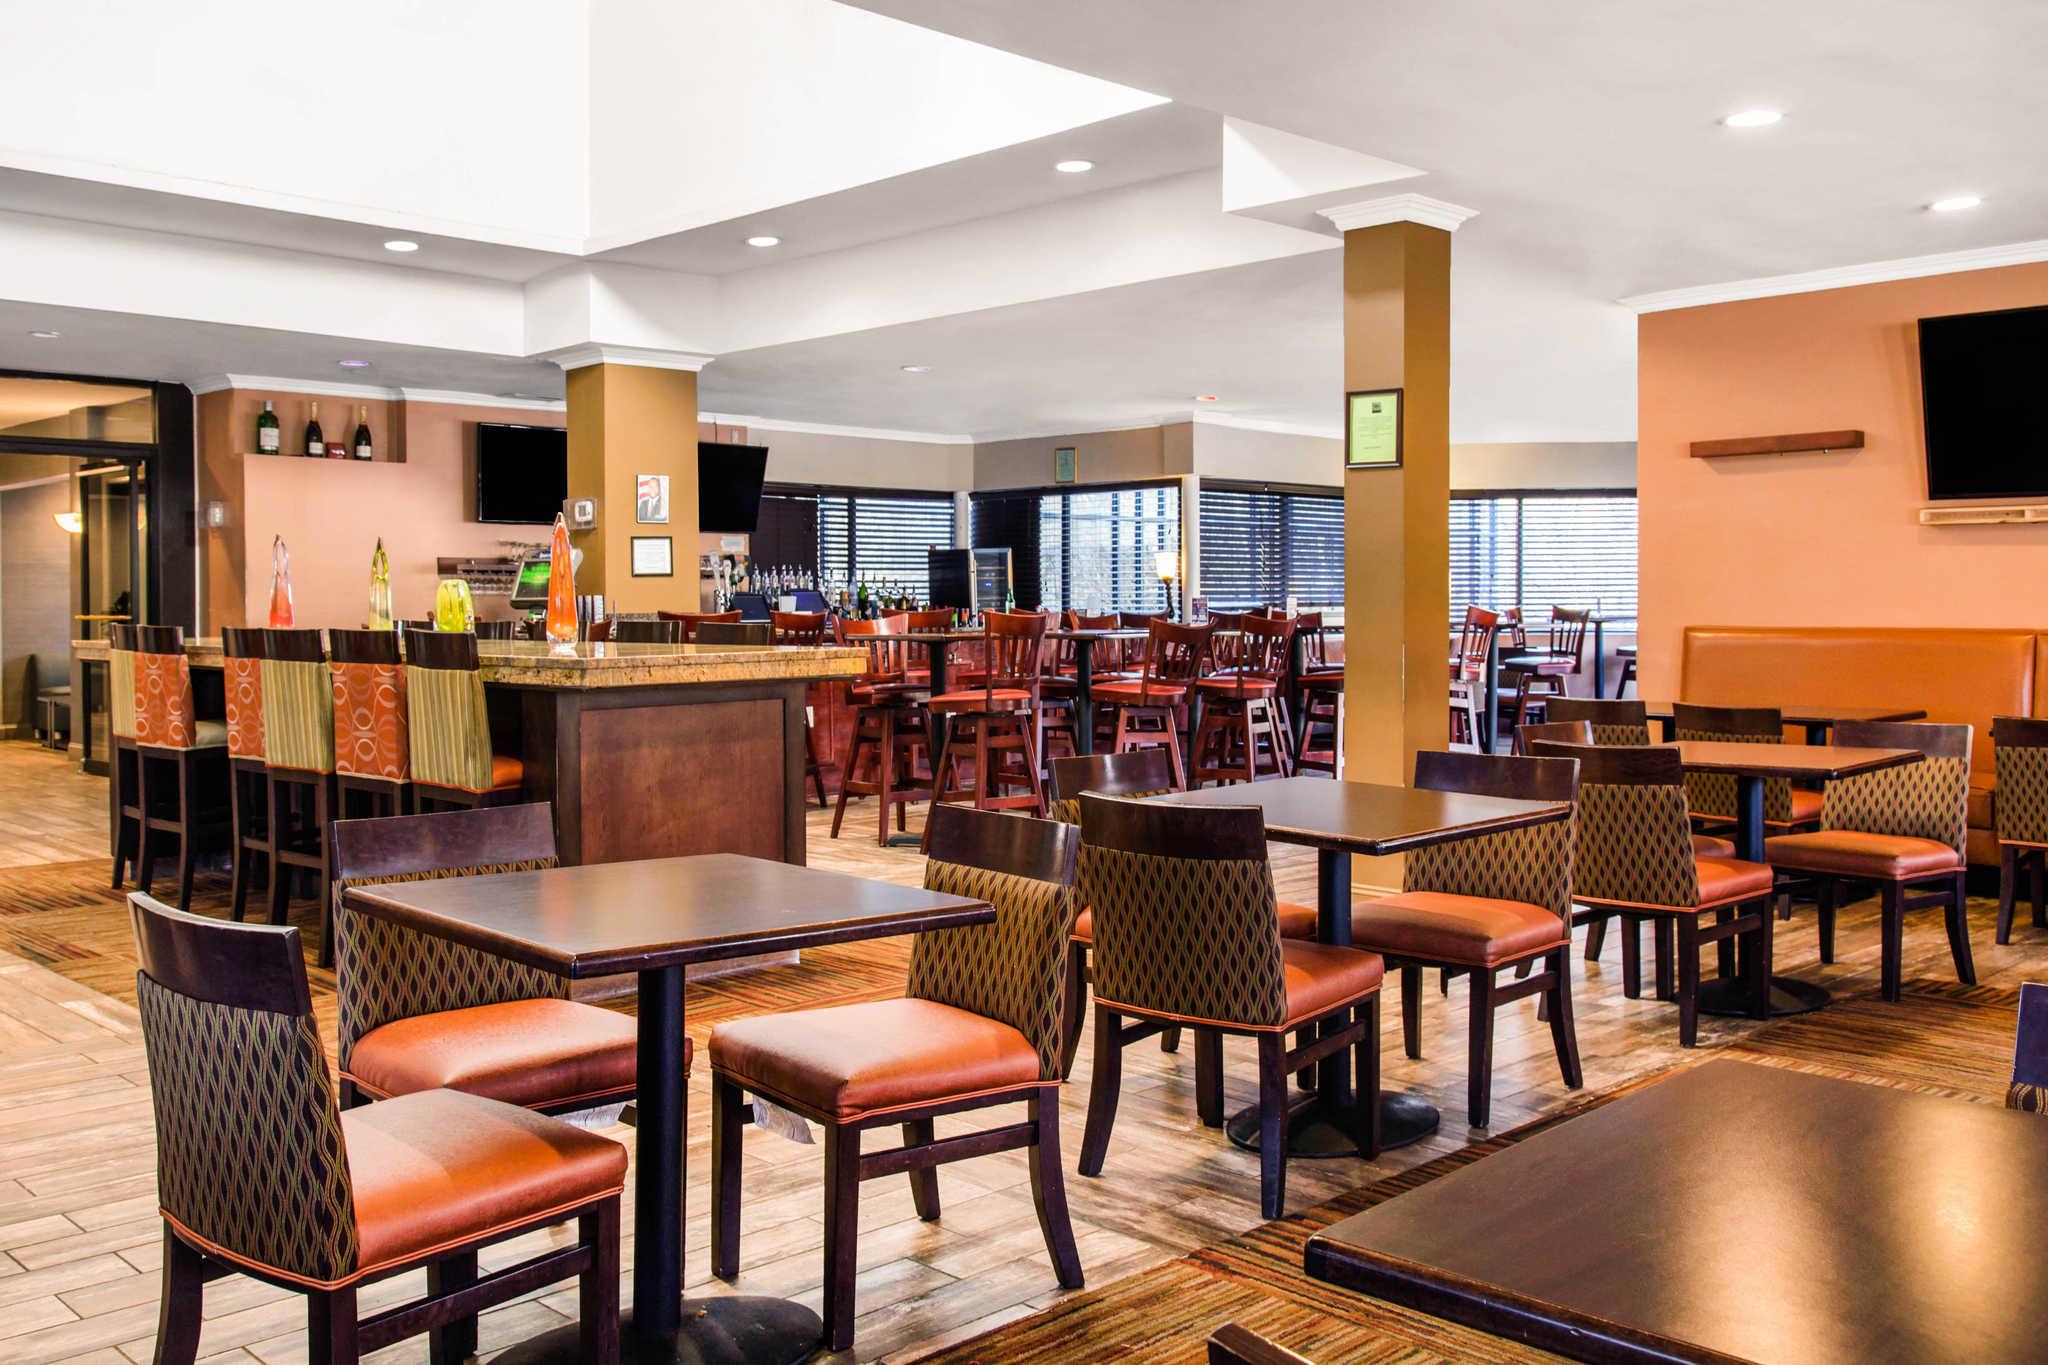 Comfort Inn image 33